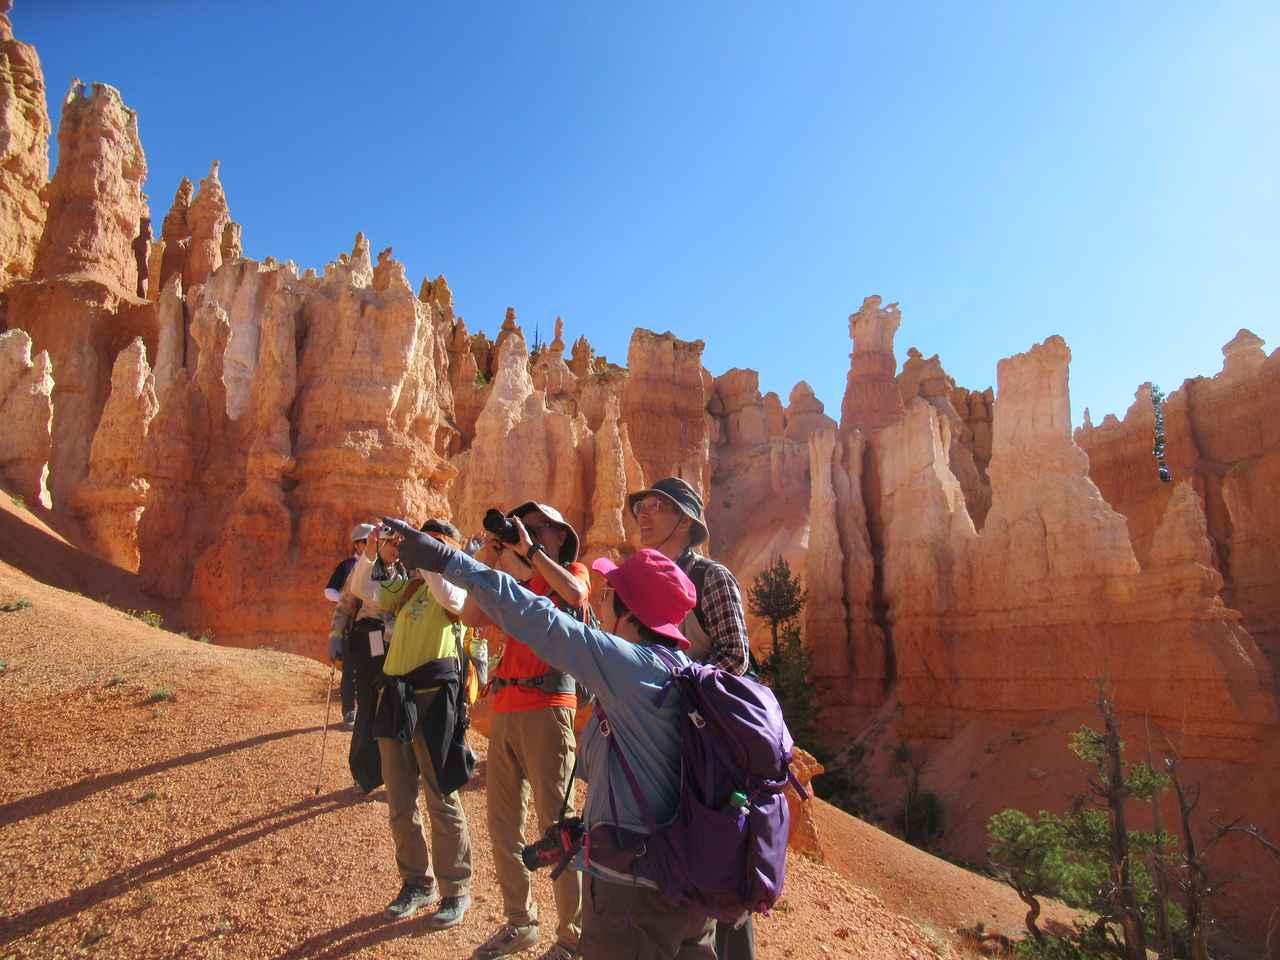 画像6: ハイキング中の風景